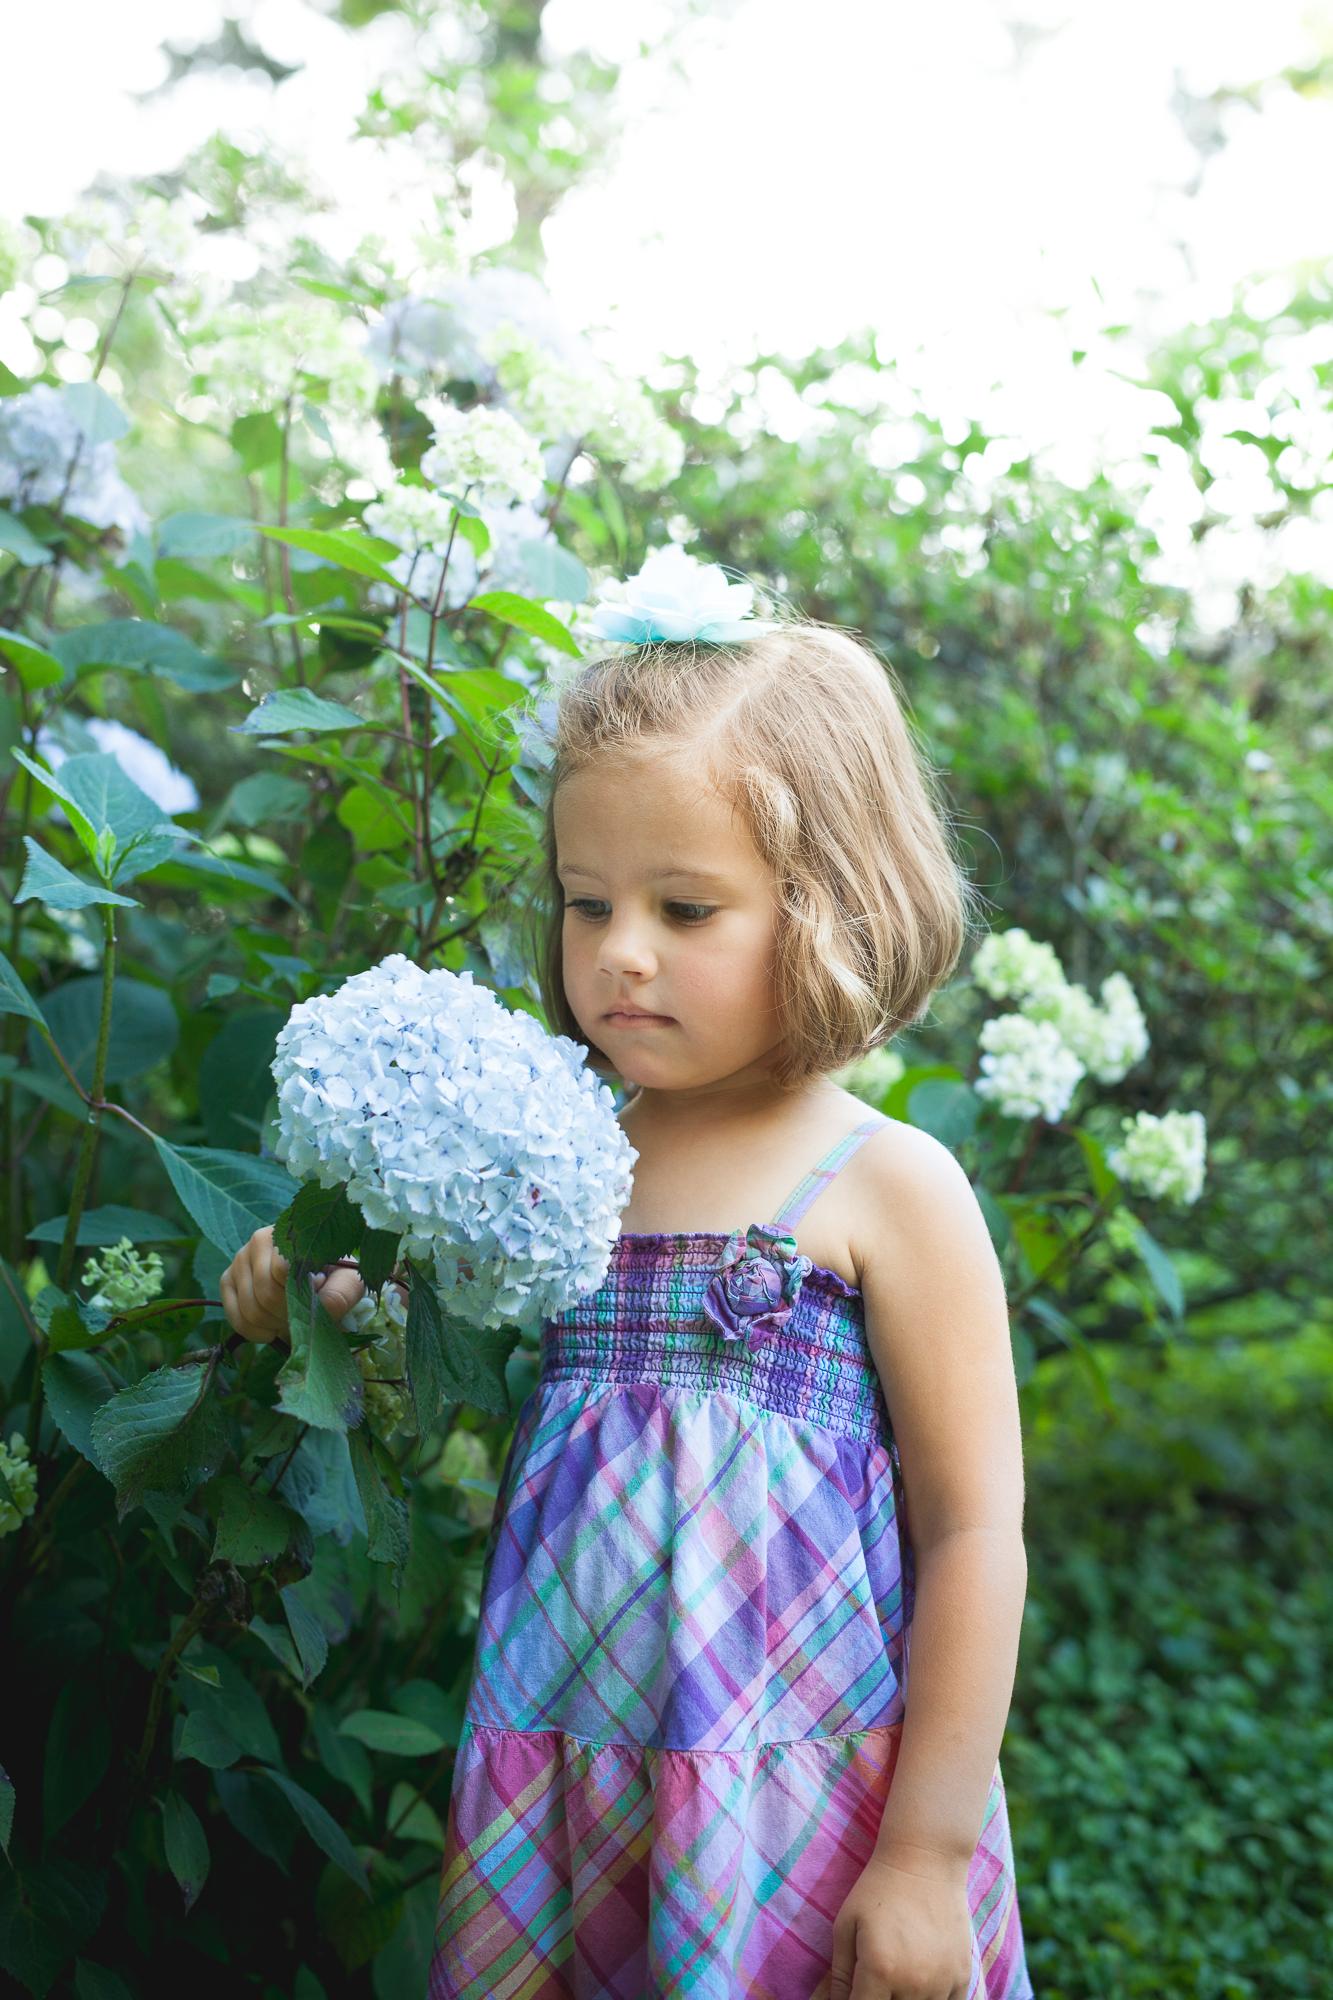 chattanooga-children-family-senior-portrait-photographer-1.jpg